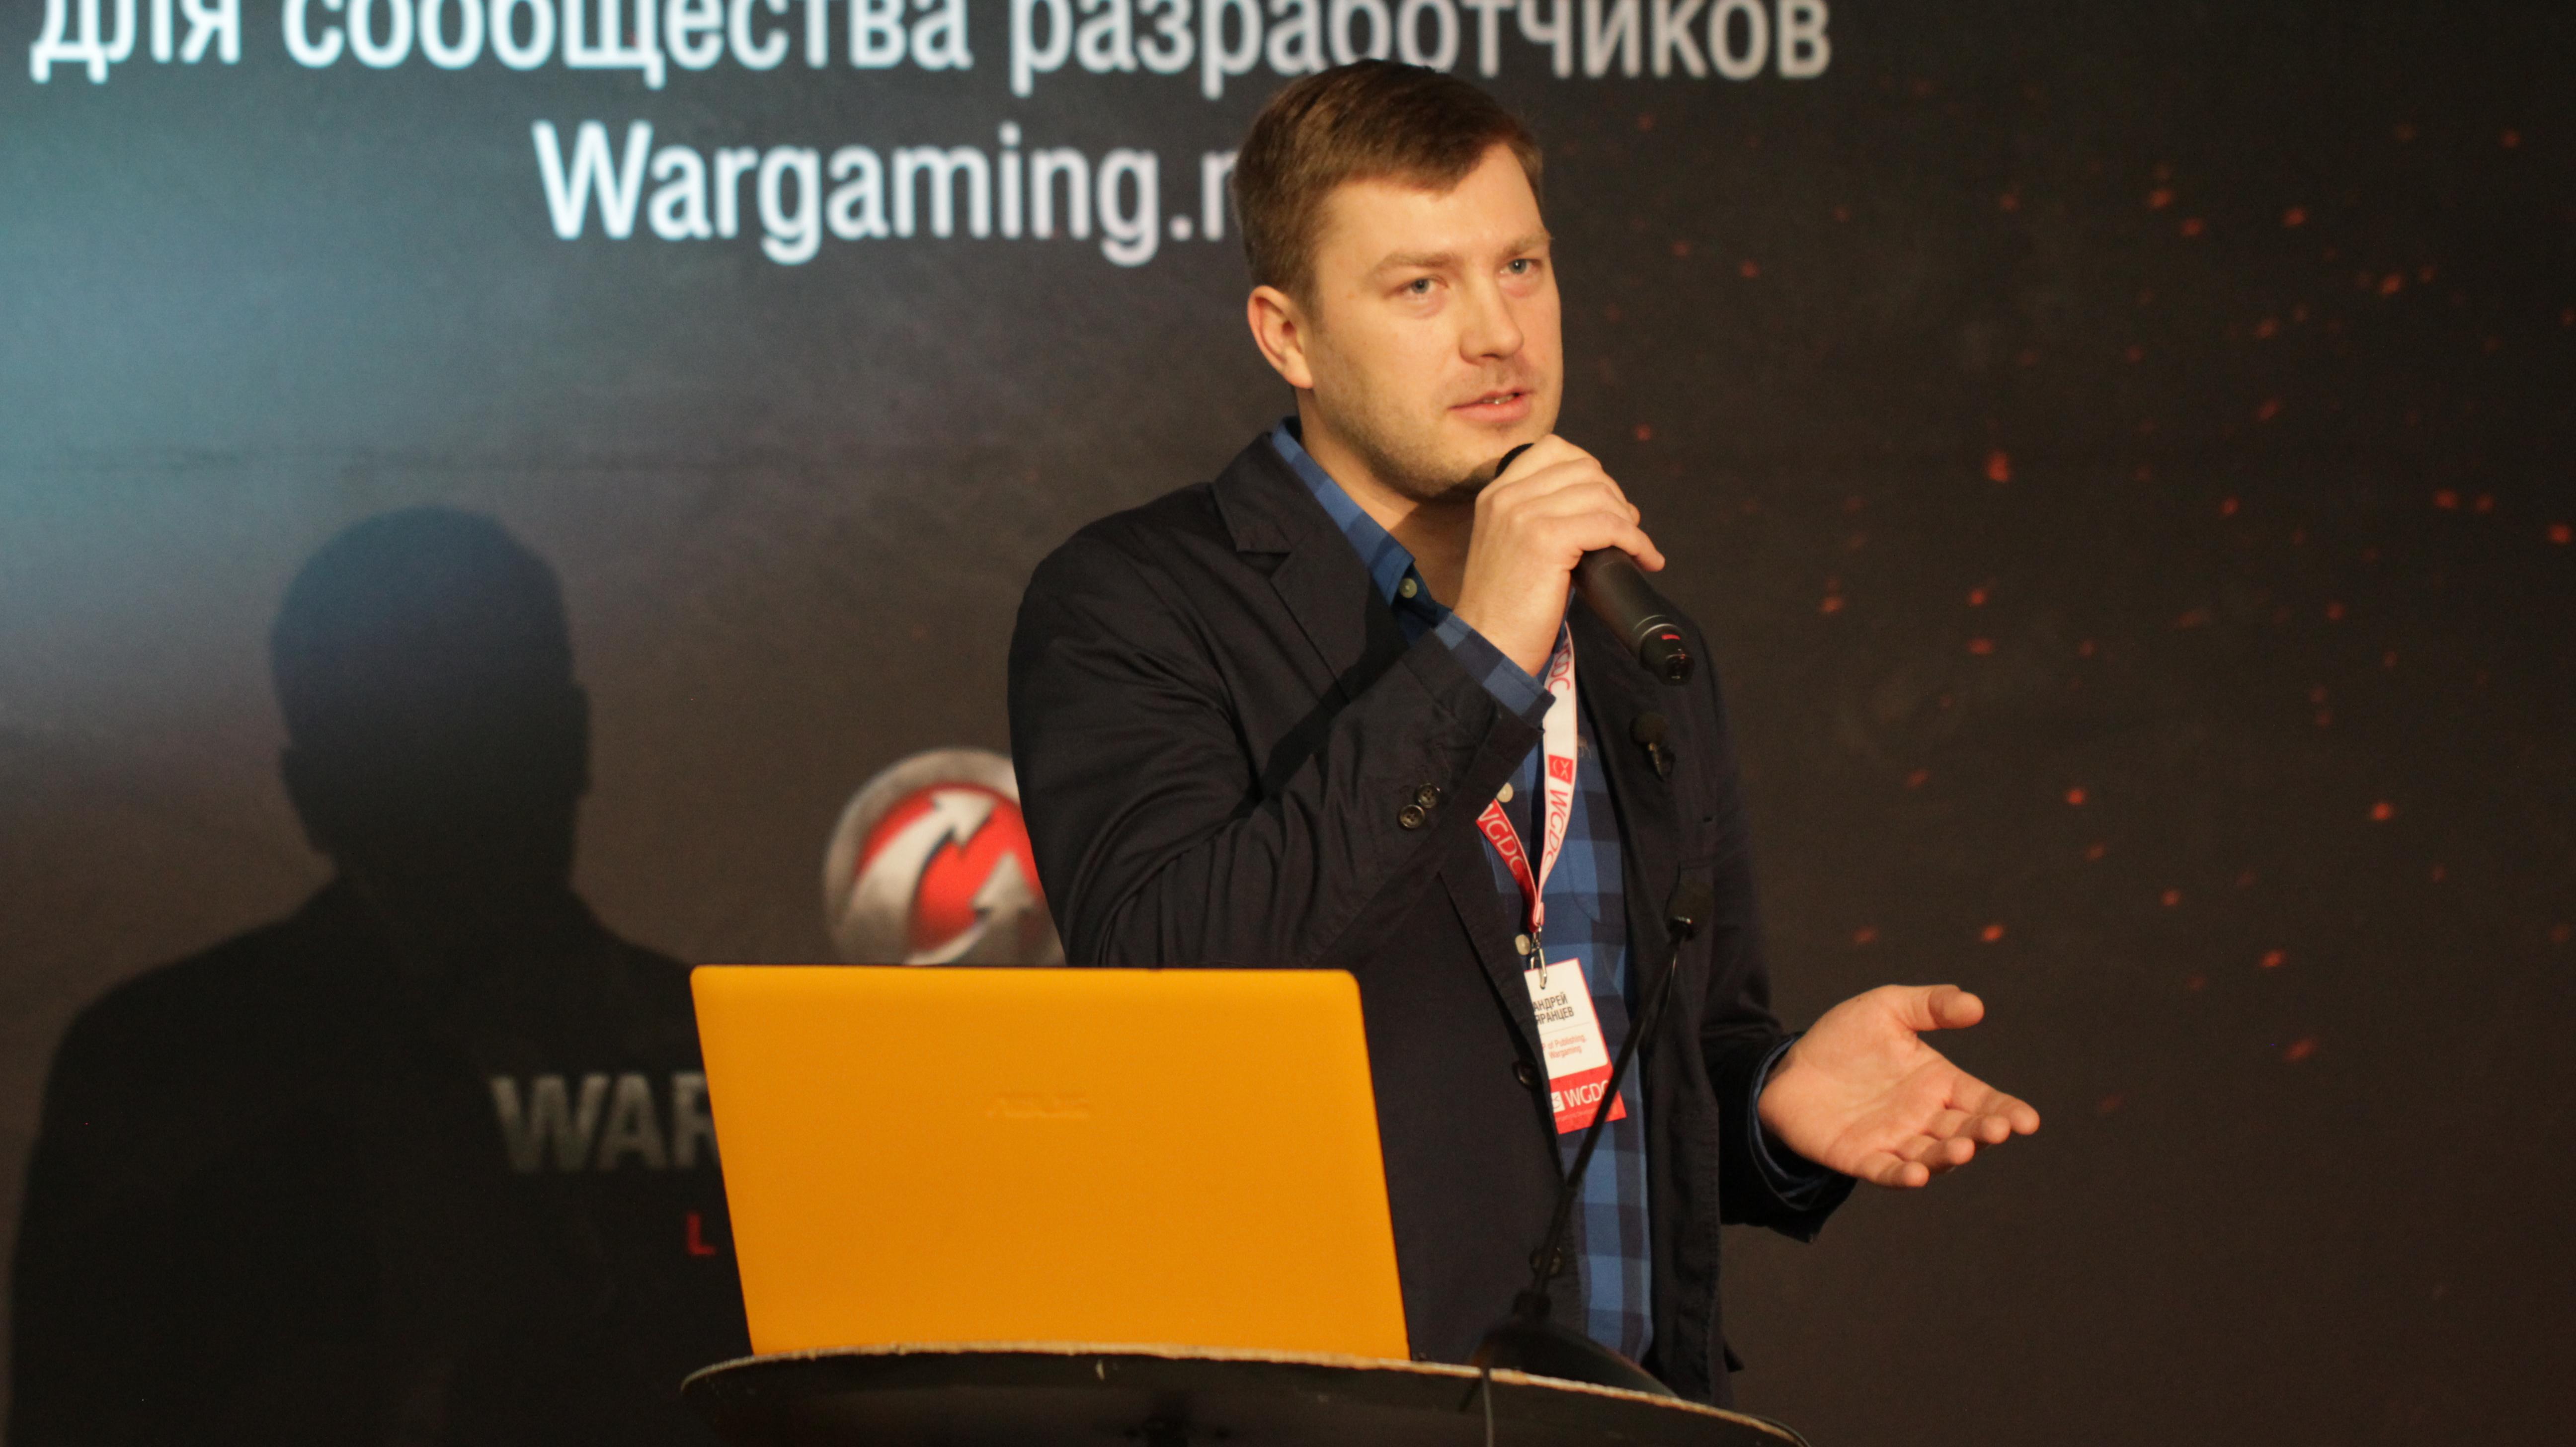 WGN_Photos_WGDC_Conference_Image_23